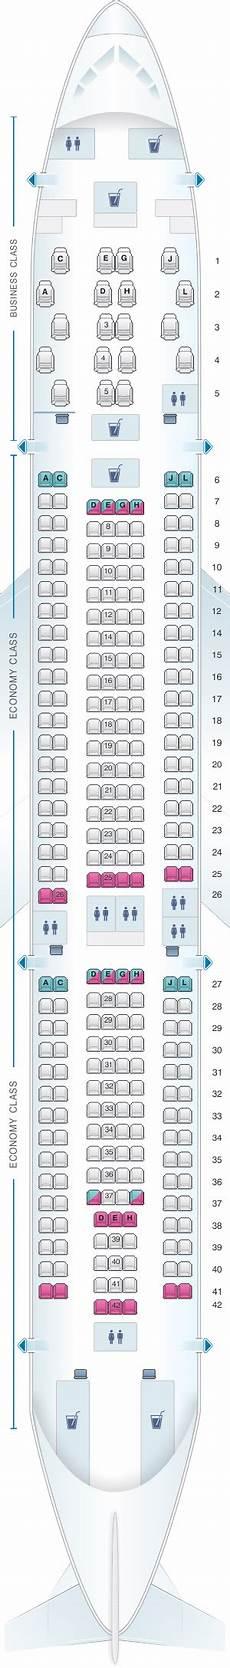 Iberia 2622 Seating Chart Seat Map Iberia Airbus A330 200 Iberia Seat Maps